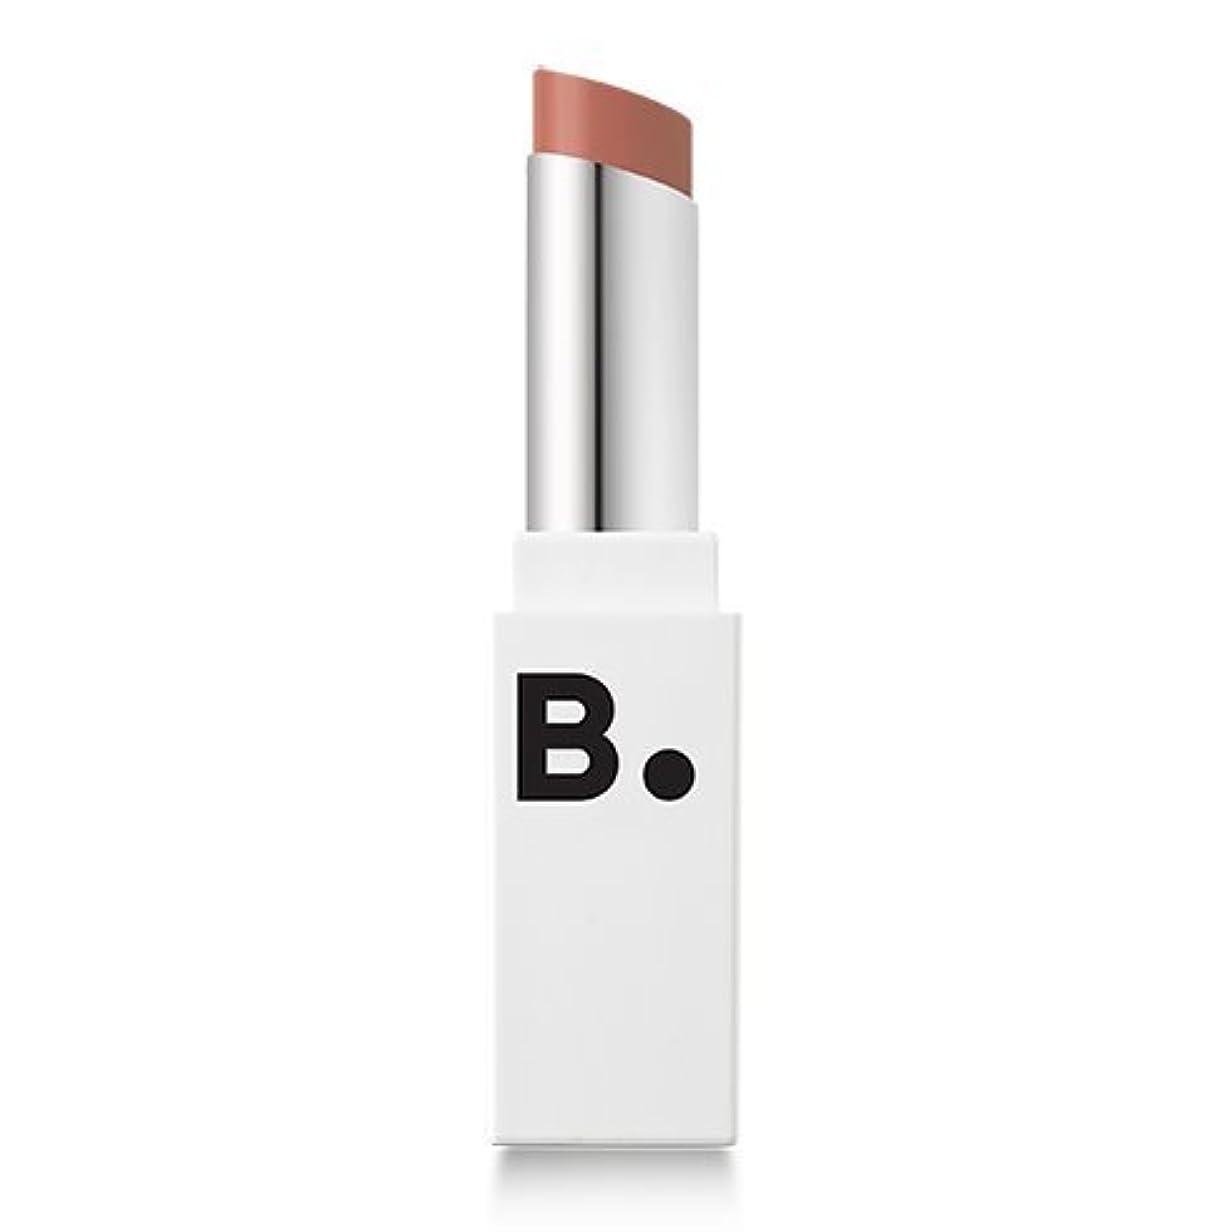 かすれたモナリザマスクBANILA CO Lip Draw Matte Blast Stick 4.2g/バニラコ リップ ドロー マット ブラスト スティック 4.2g (#MBE01) [並行輸入品]